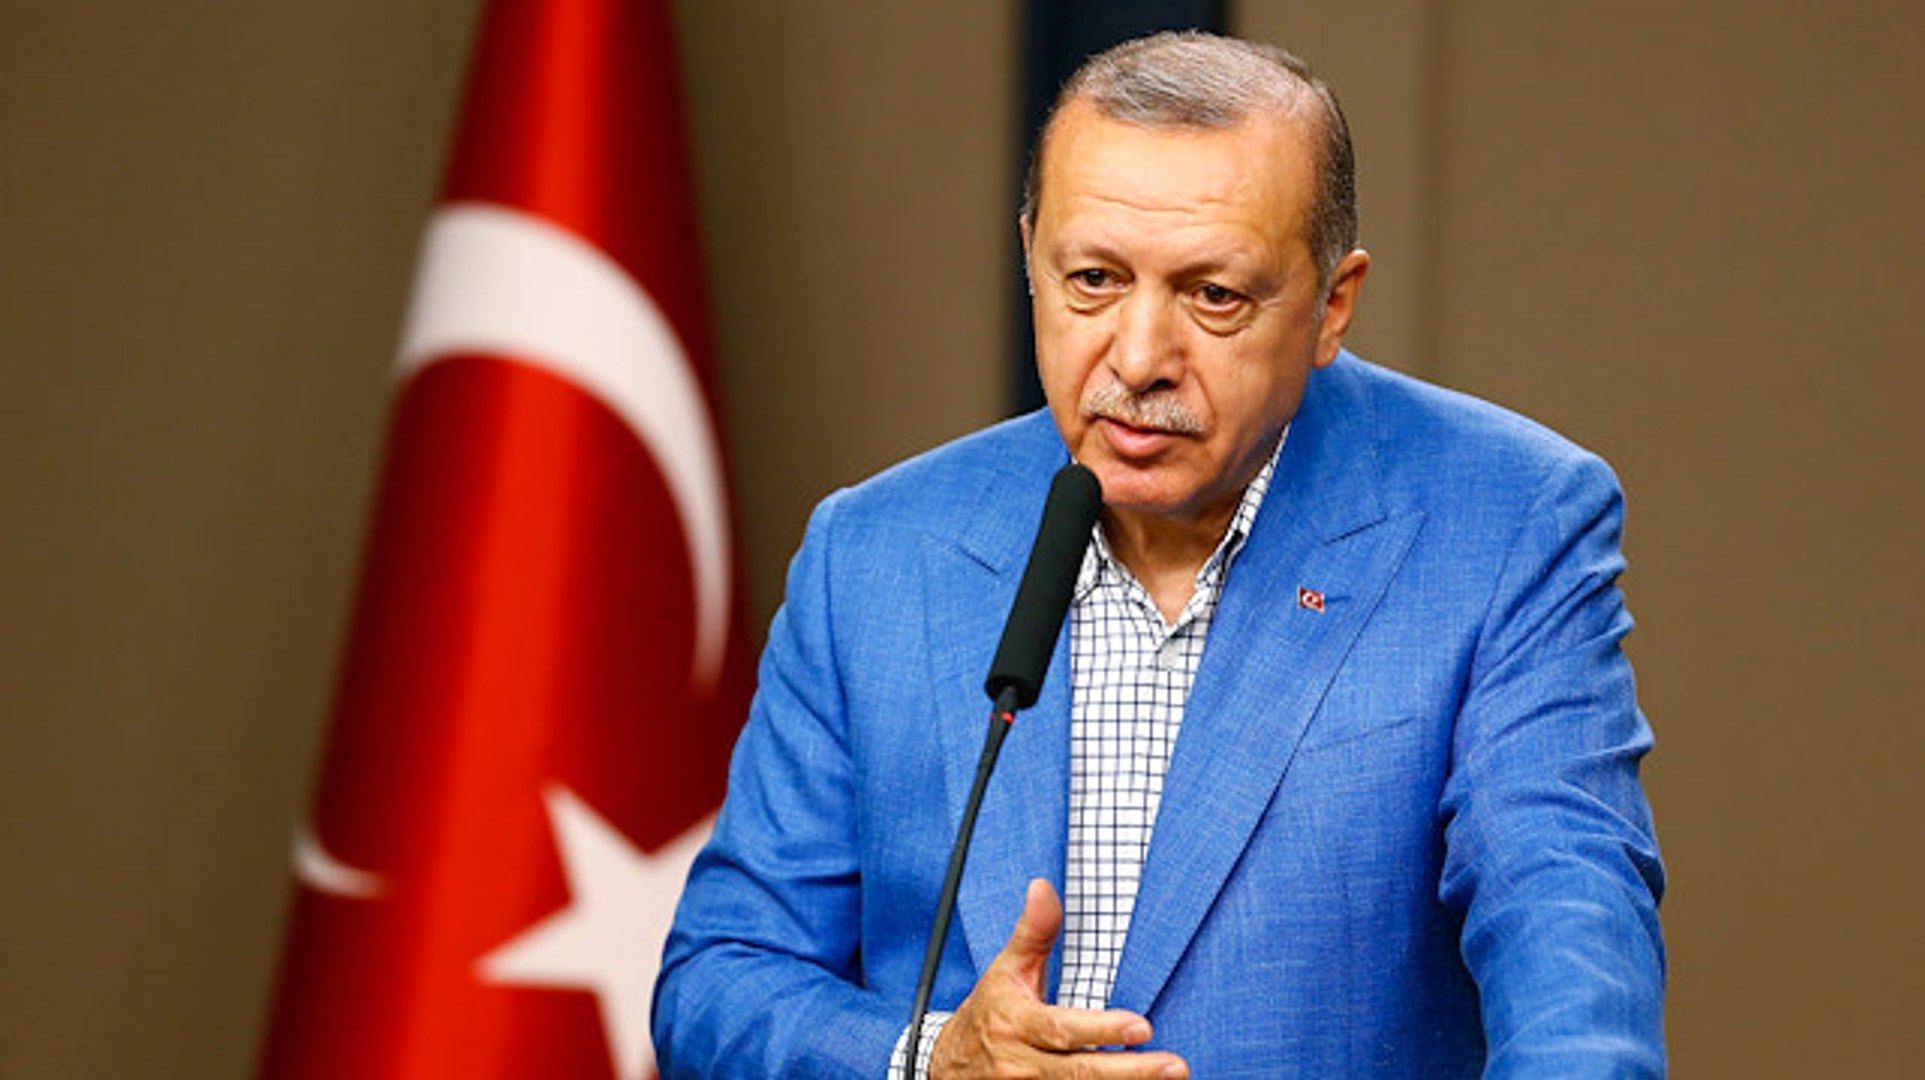 2018 Yılının Son 6 Ayında En Fazla Haber Yapılan Siyasi Lider Cumhurbaşkanı Erdoğan Oldu